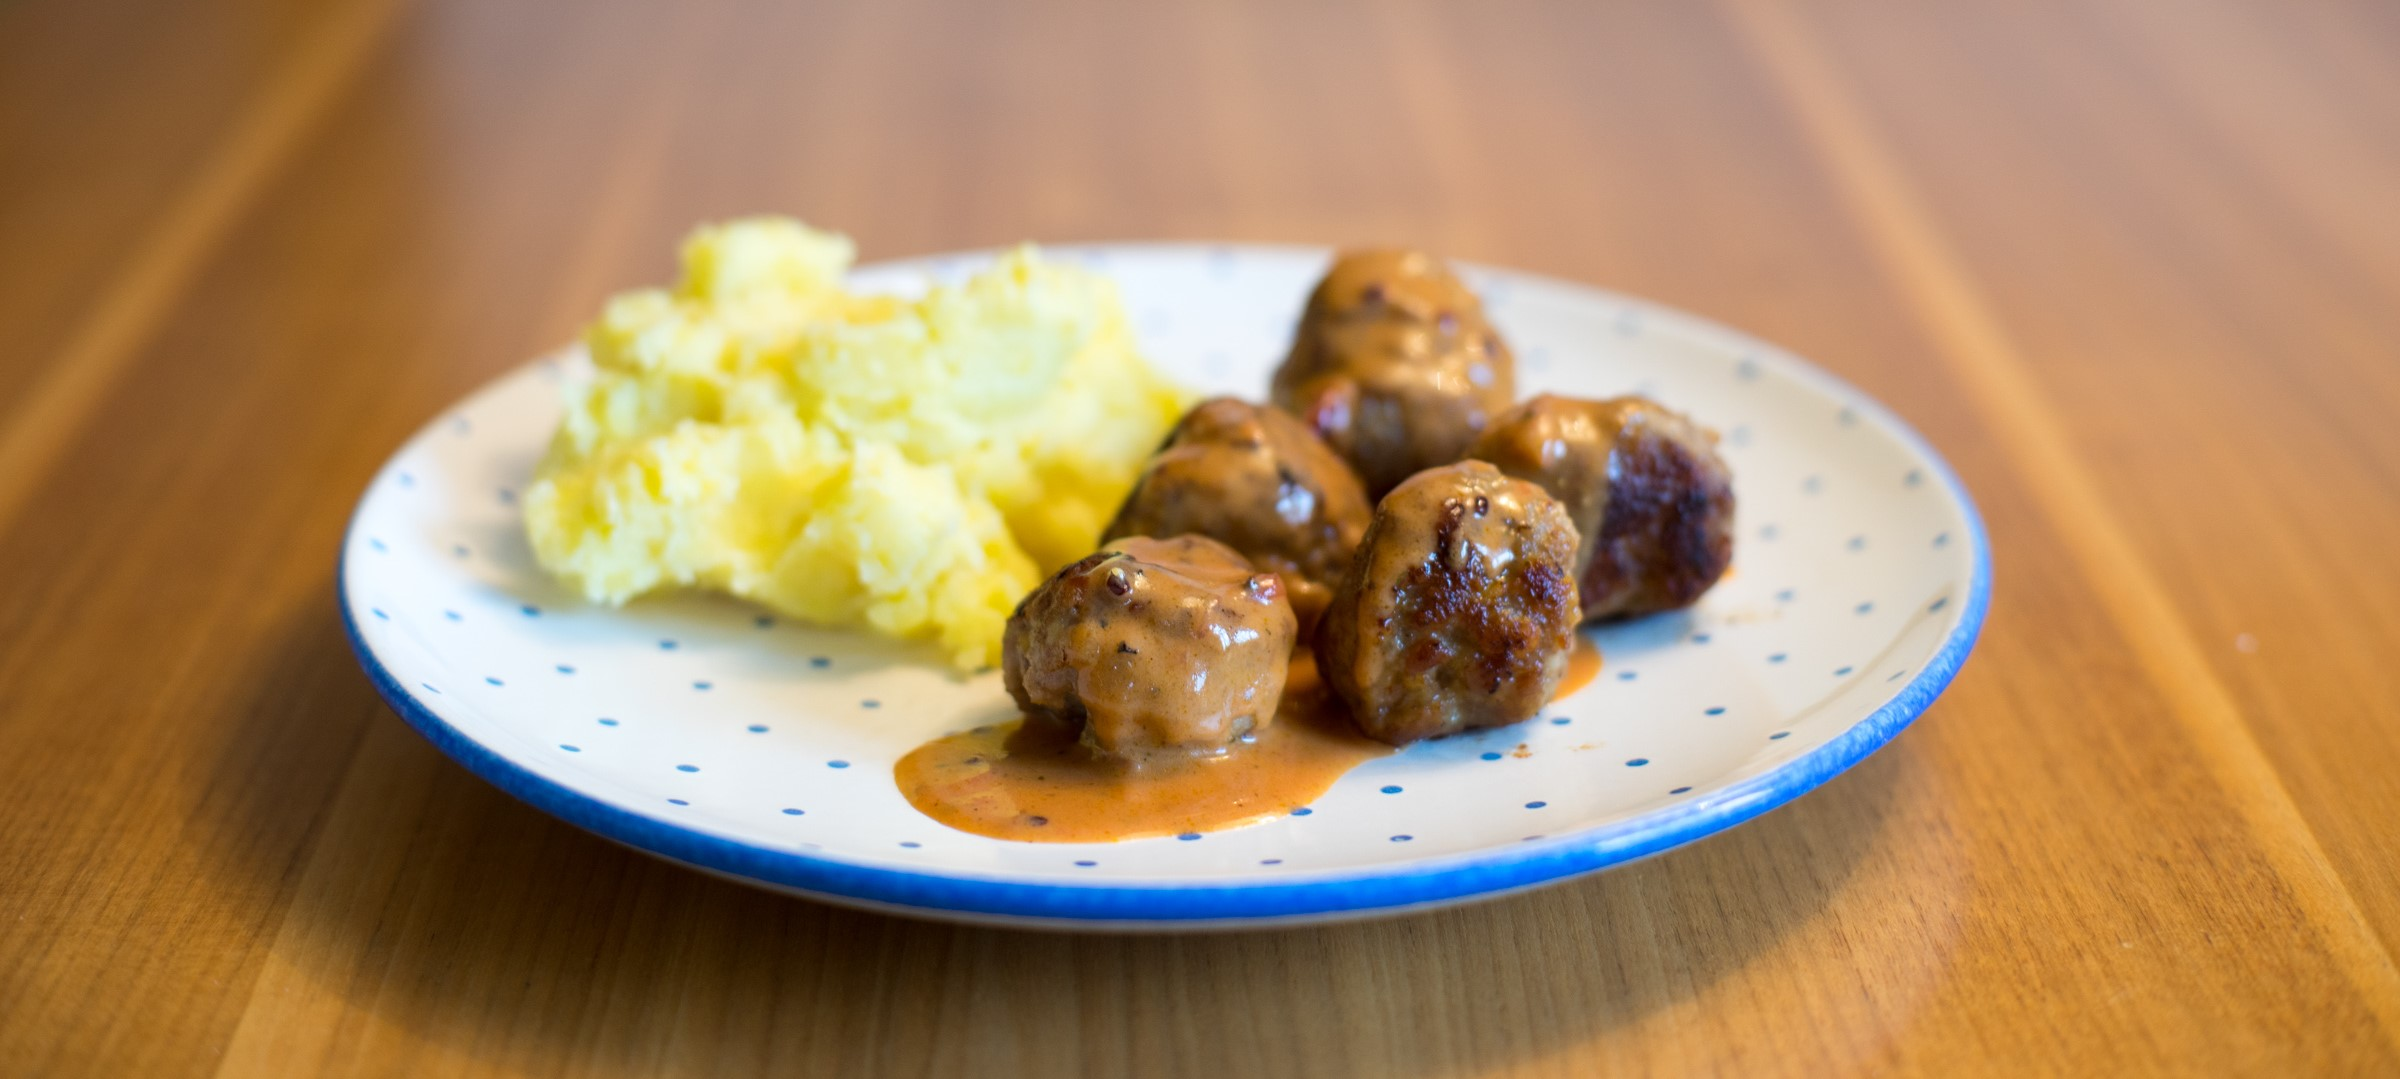 Köttbullar (schwedische Fleischbällchen)